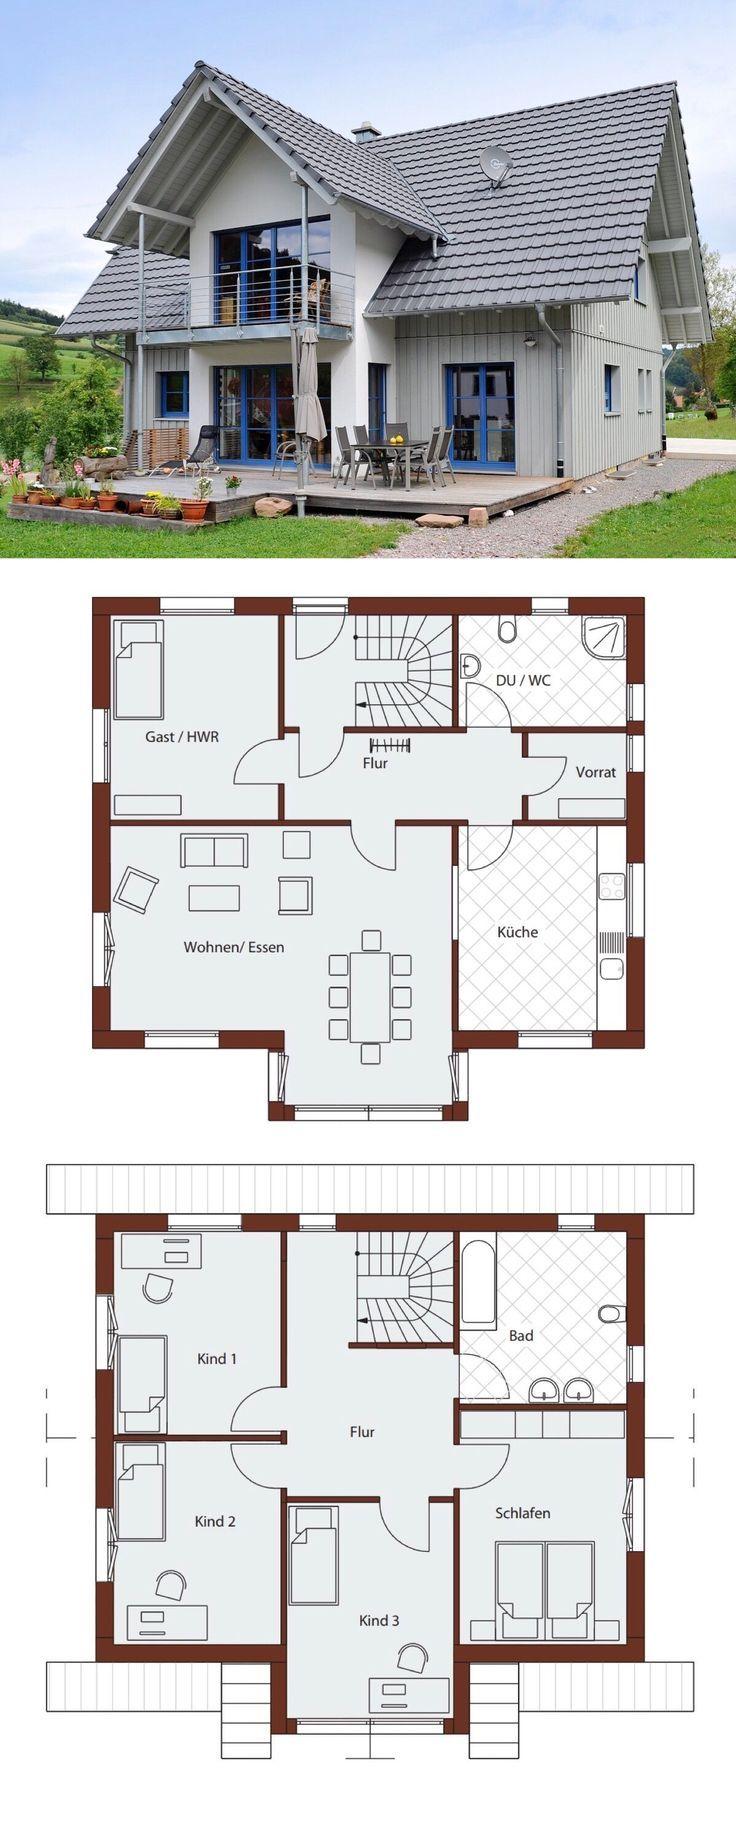 einfamilienhaus neubau modern im landhausstil 6 zimmer grundriss mit satteldach architektur